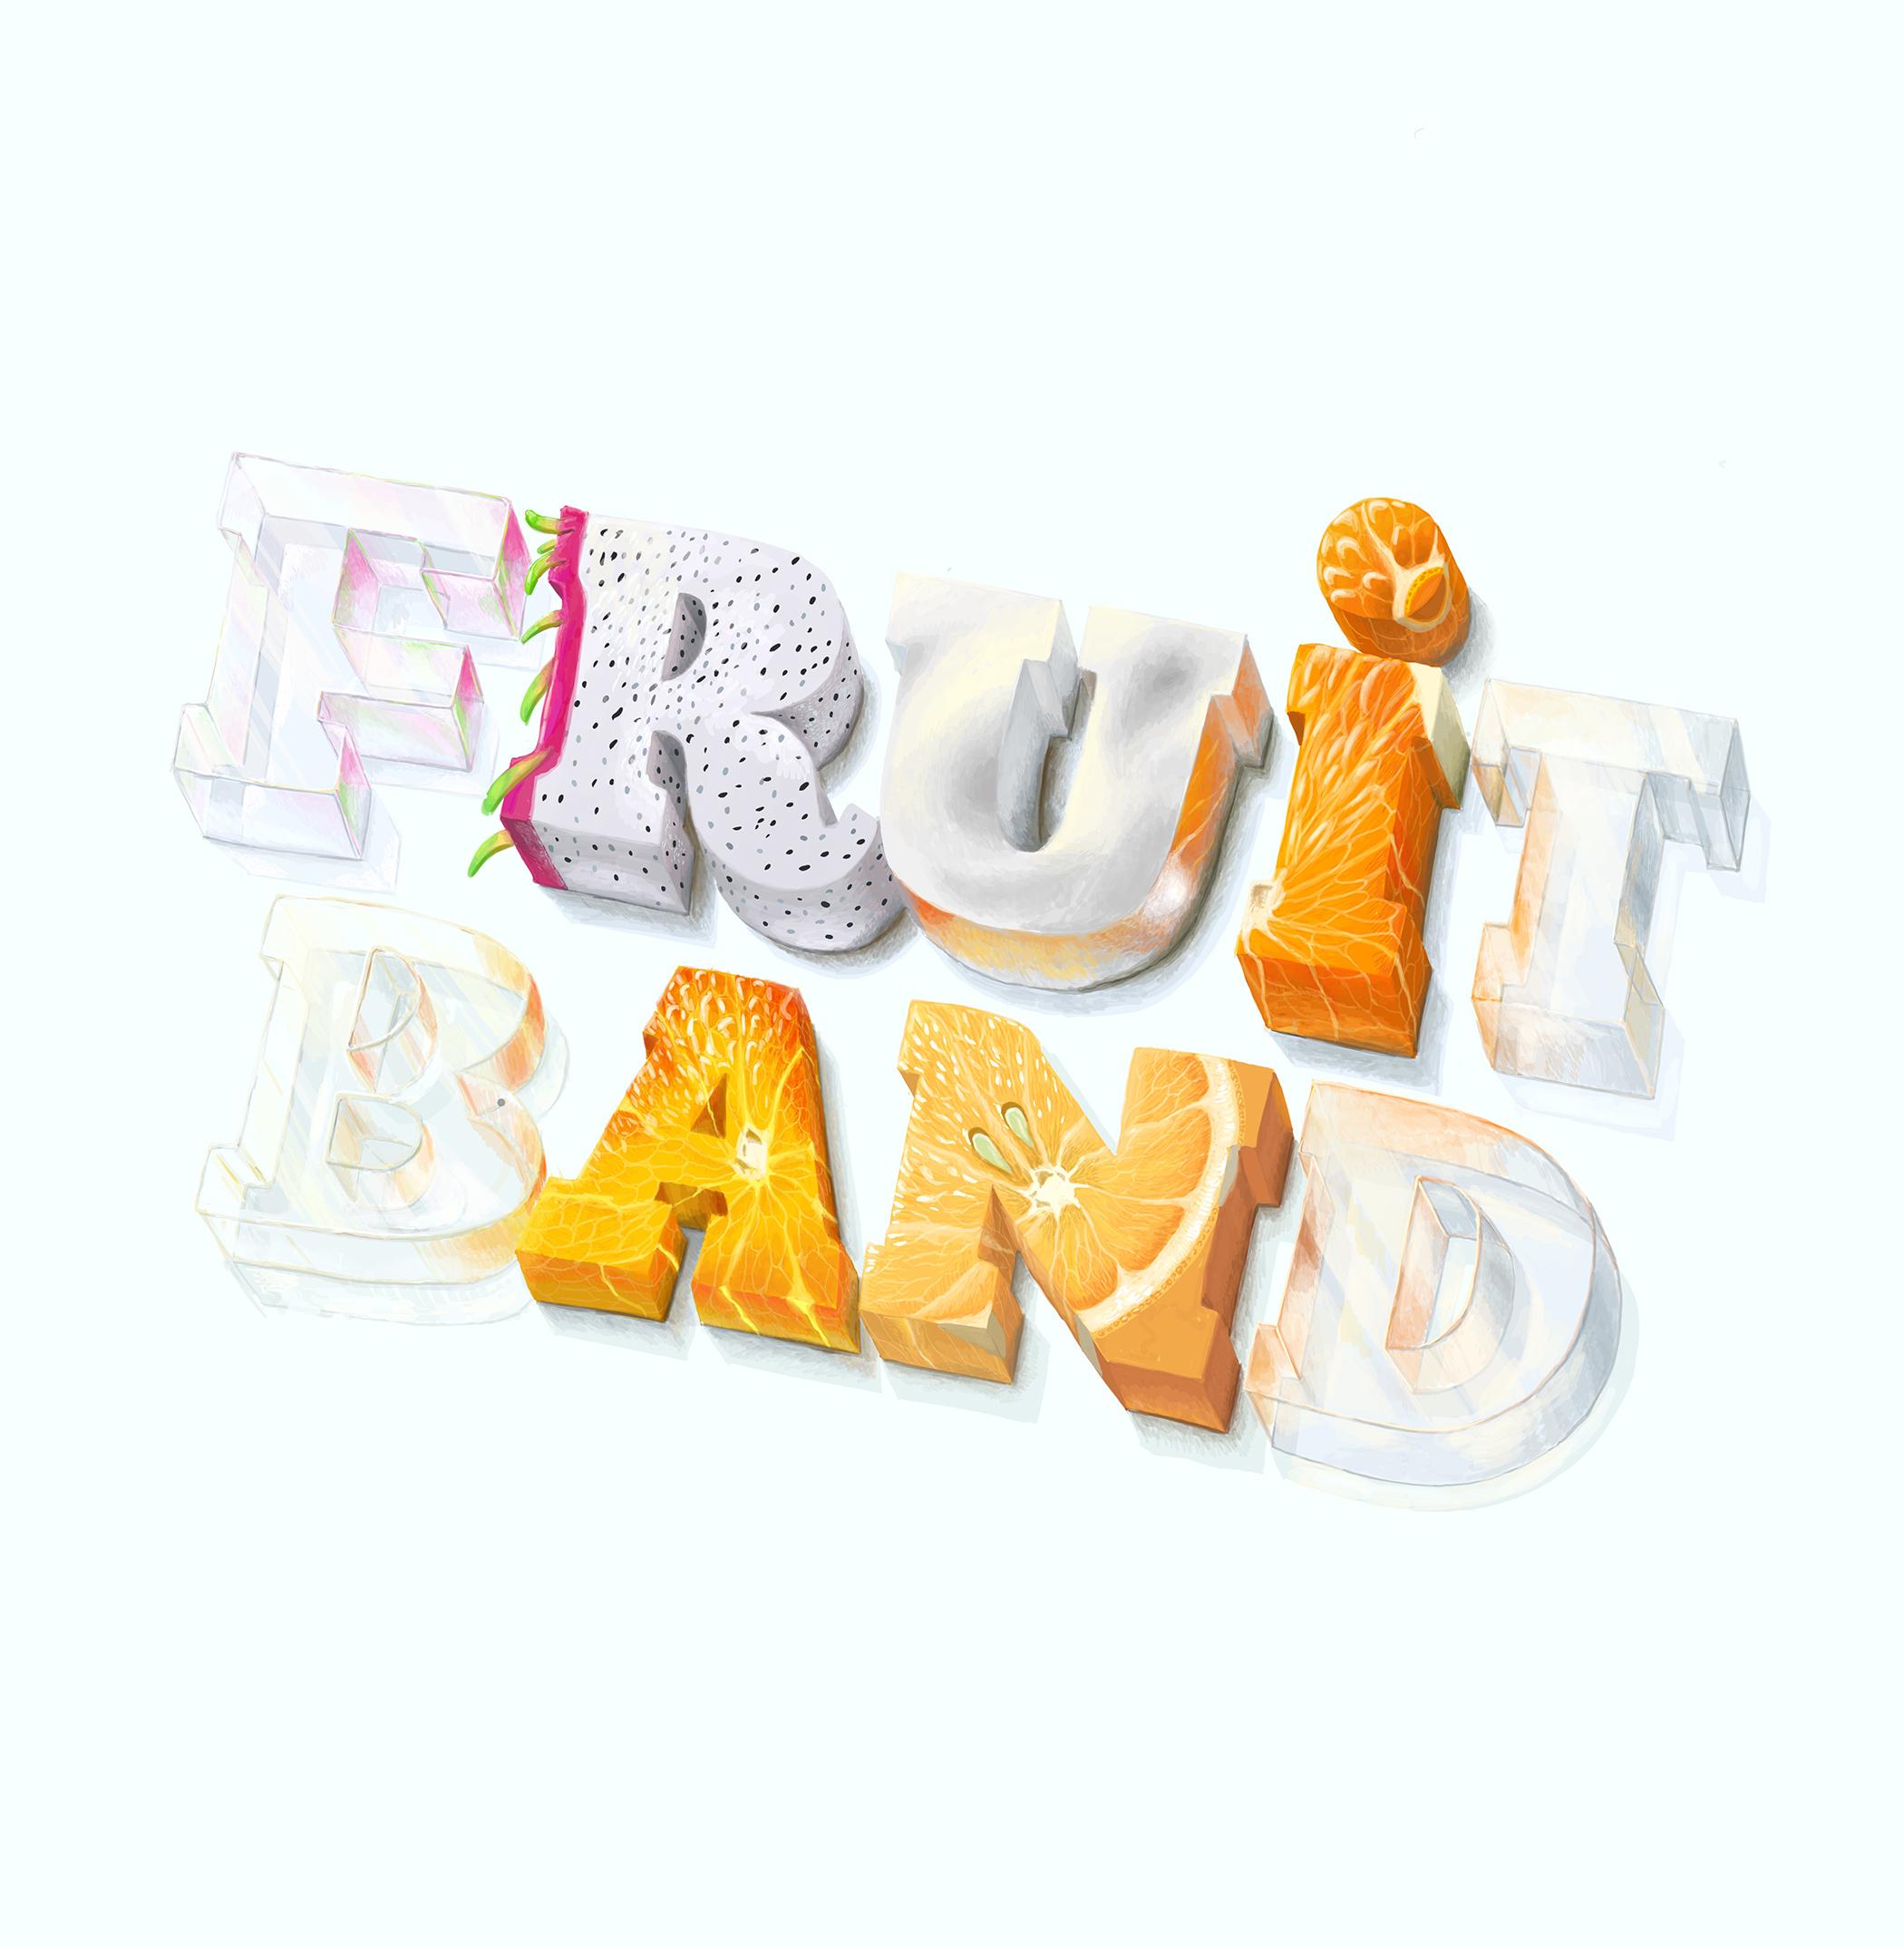 Fruit band